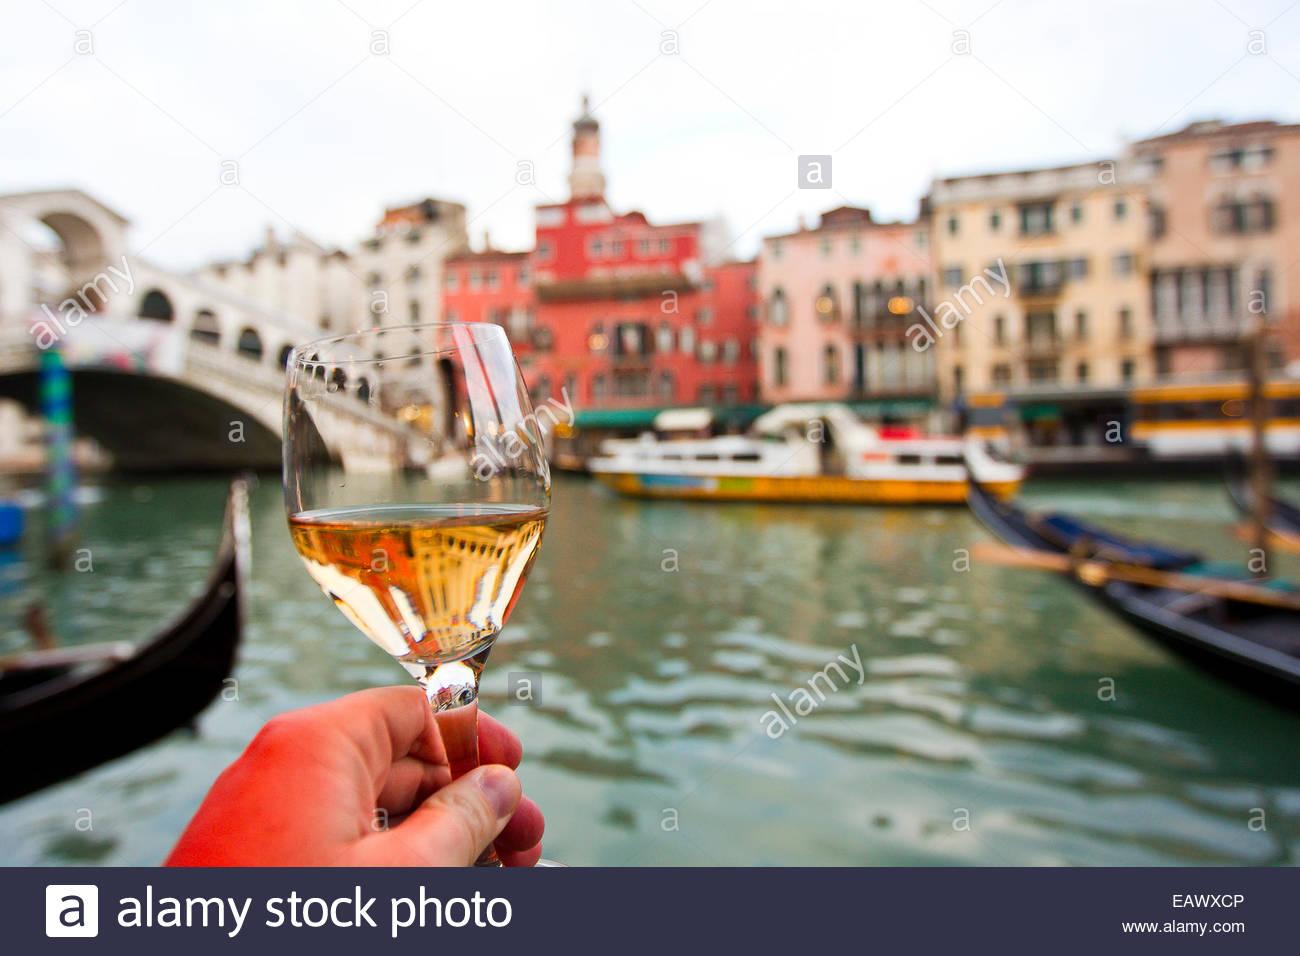 Edificios de la época renacentista vistos a través de un vaso de vino. Imagen De Stock